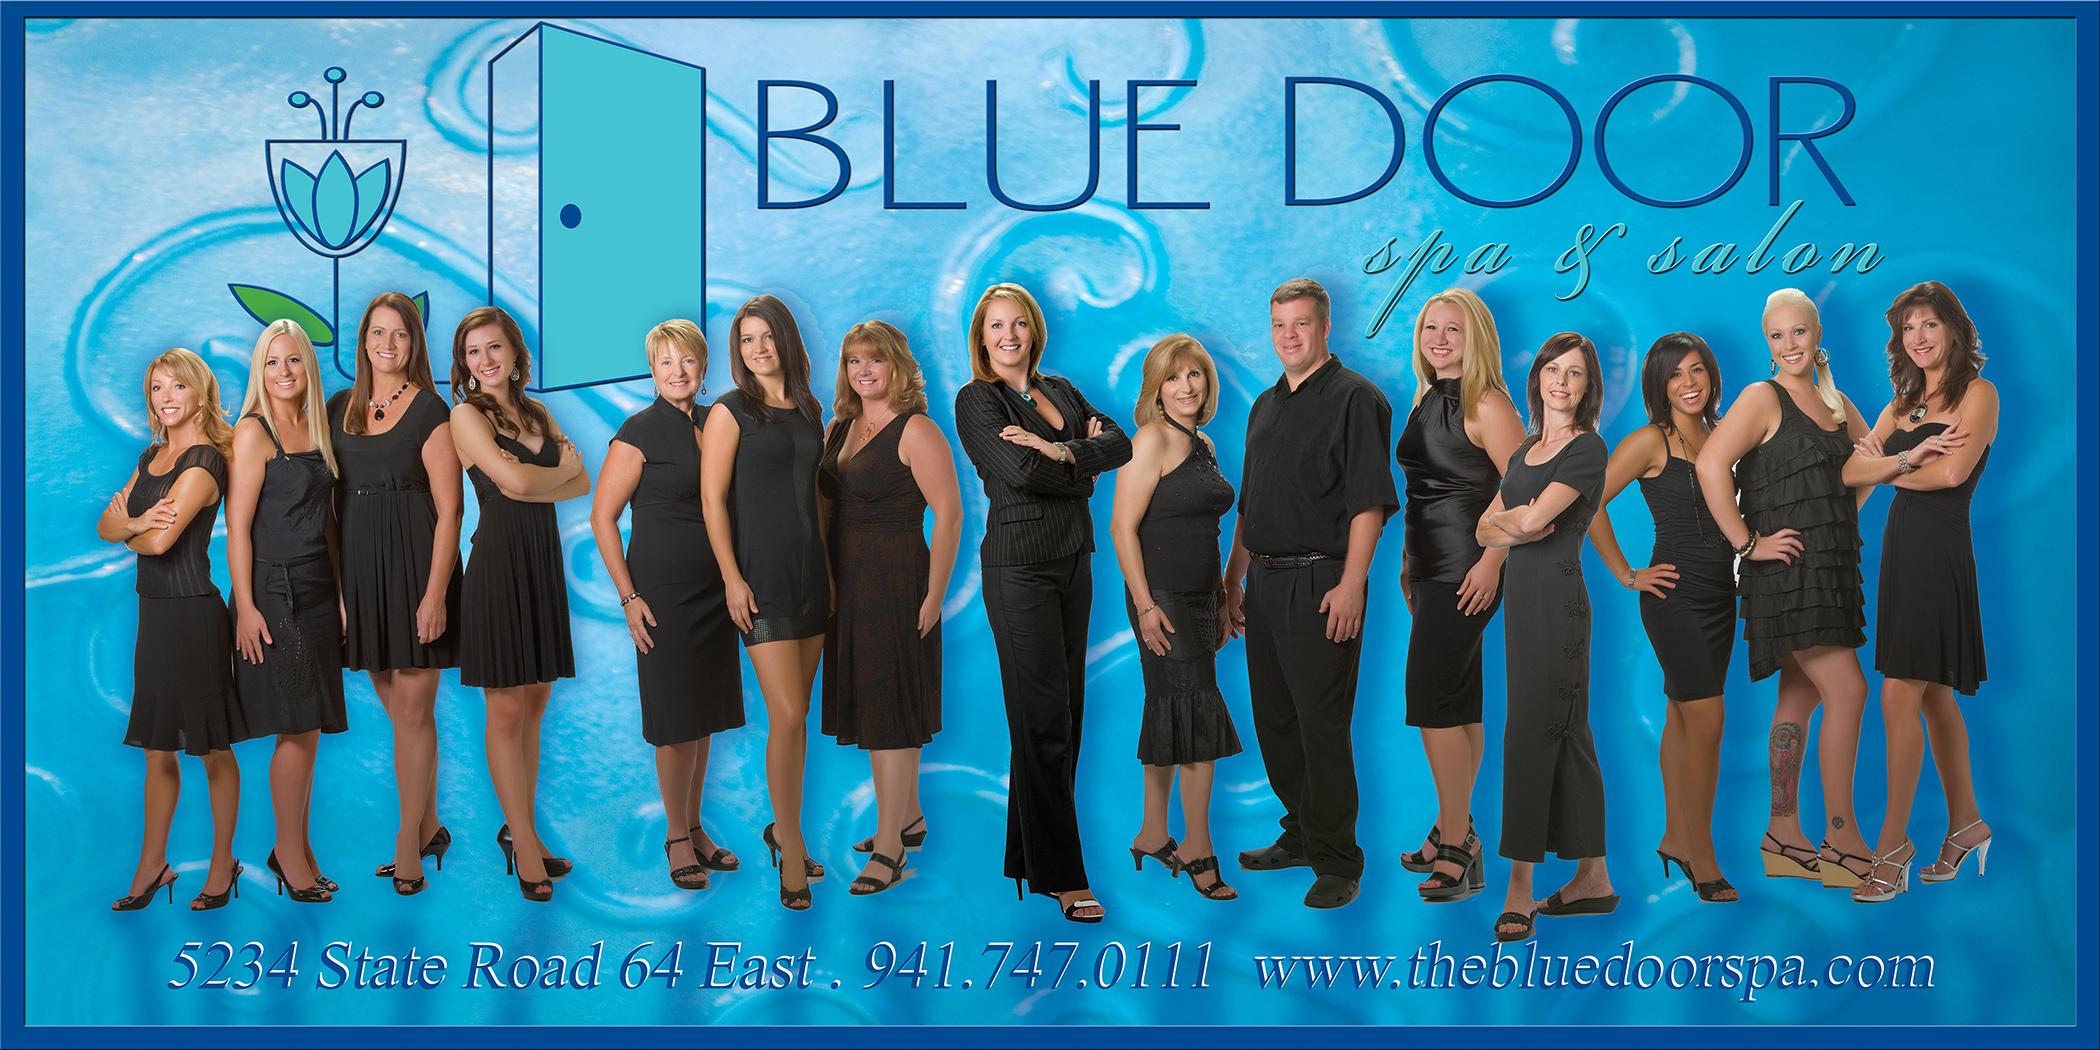 Creative Business Group Portraits, composite business portraits